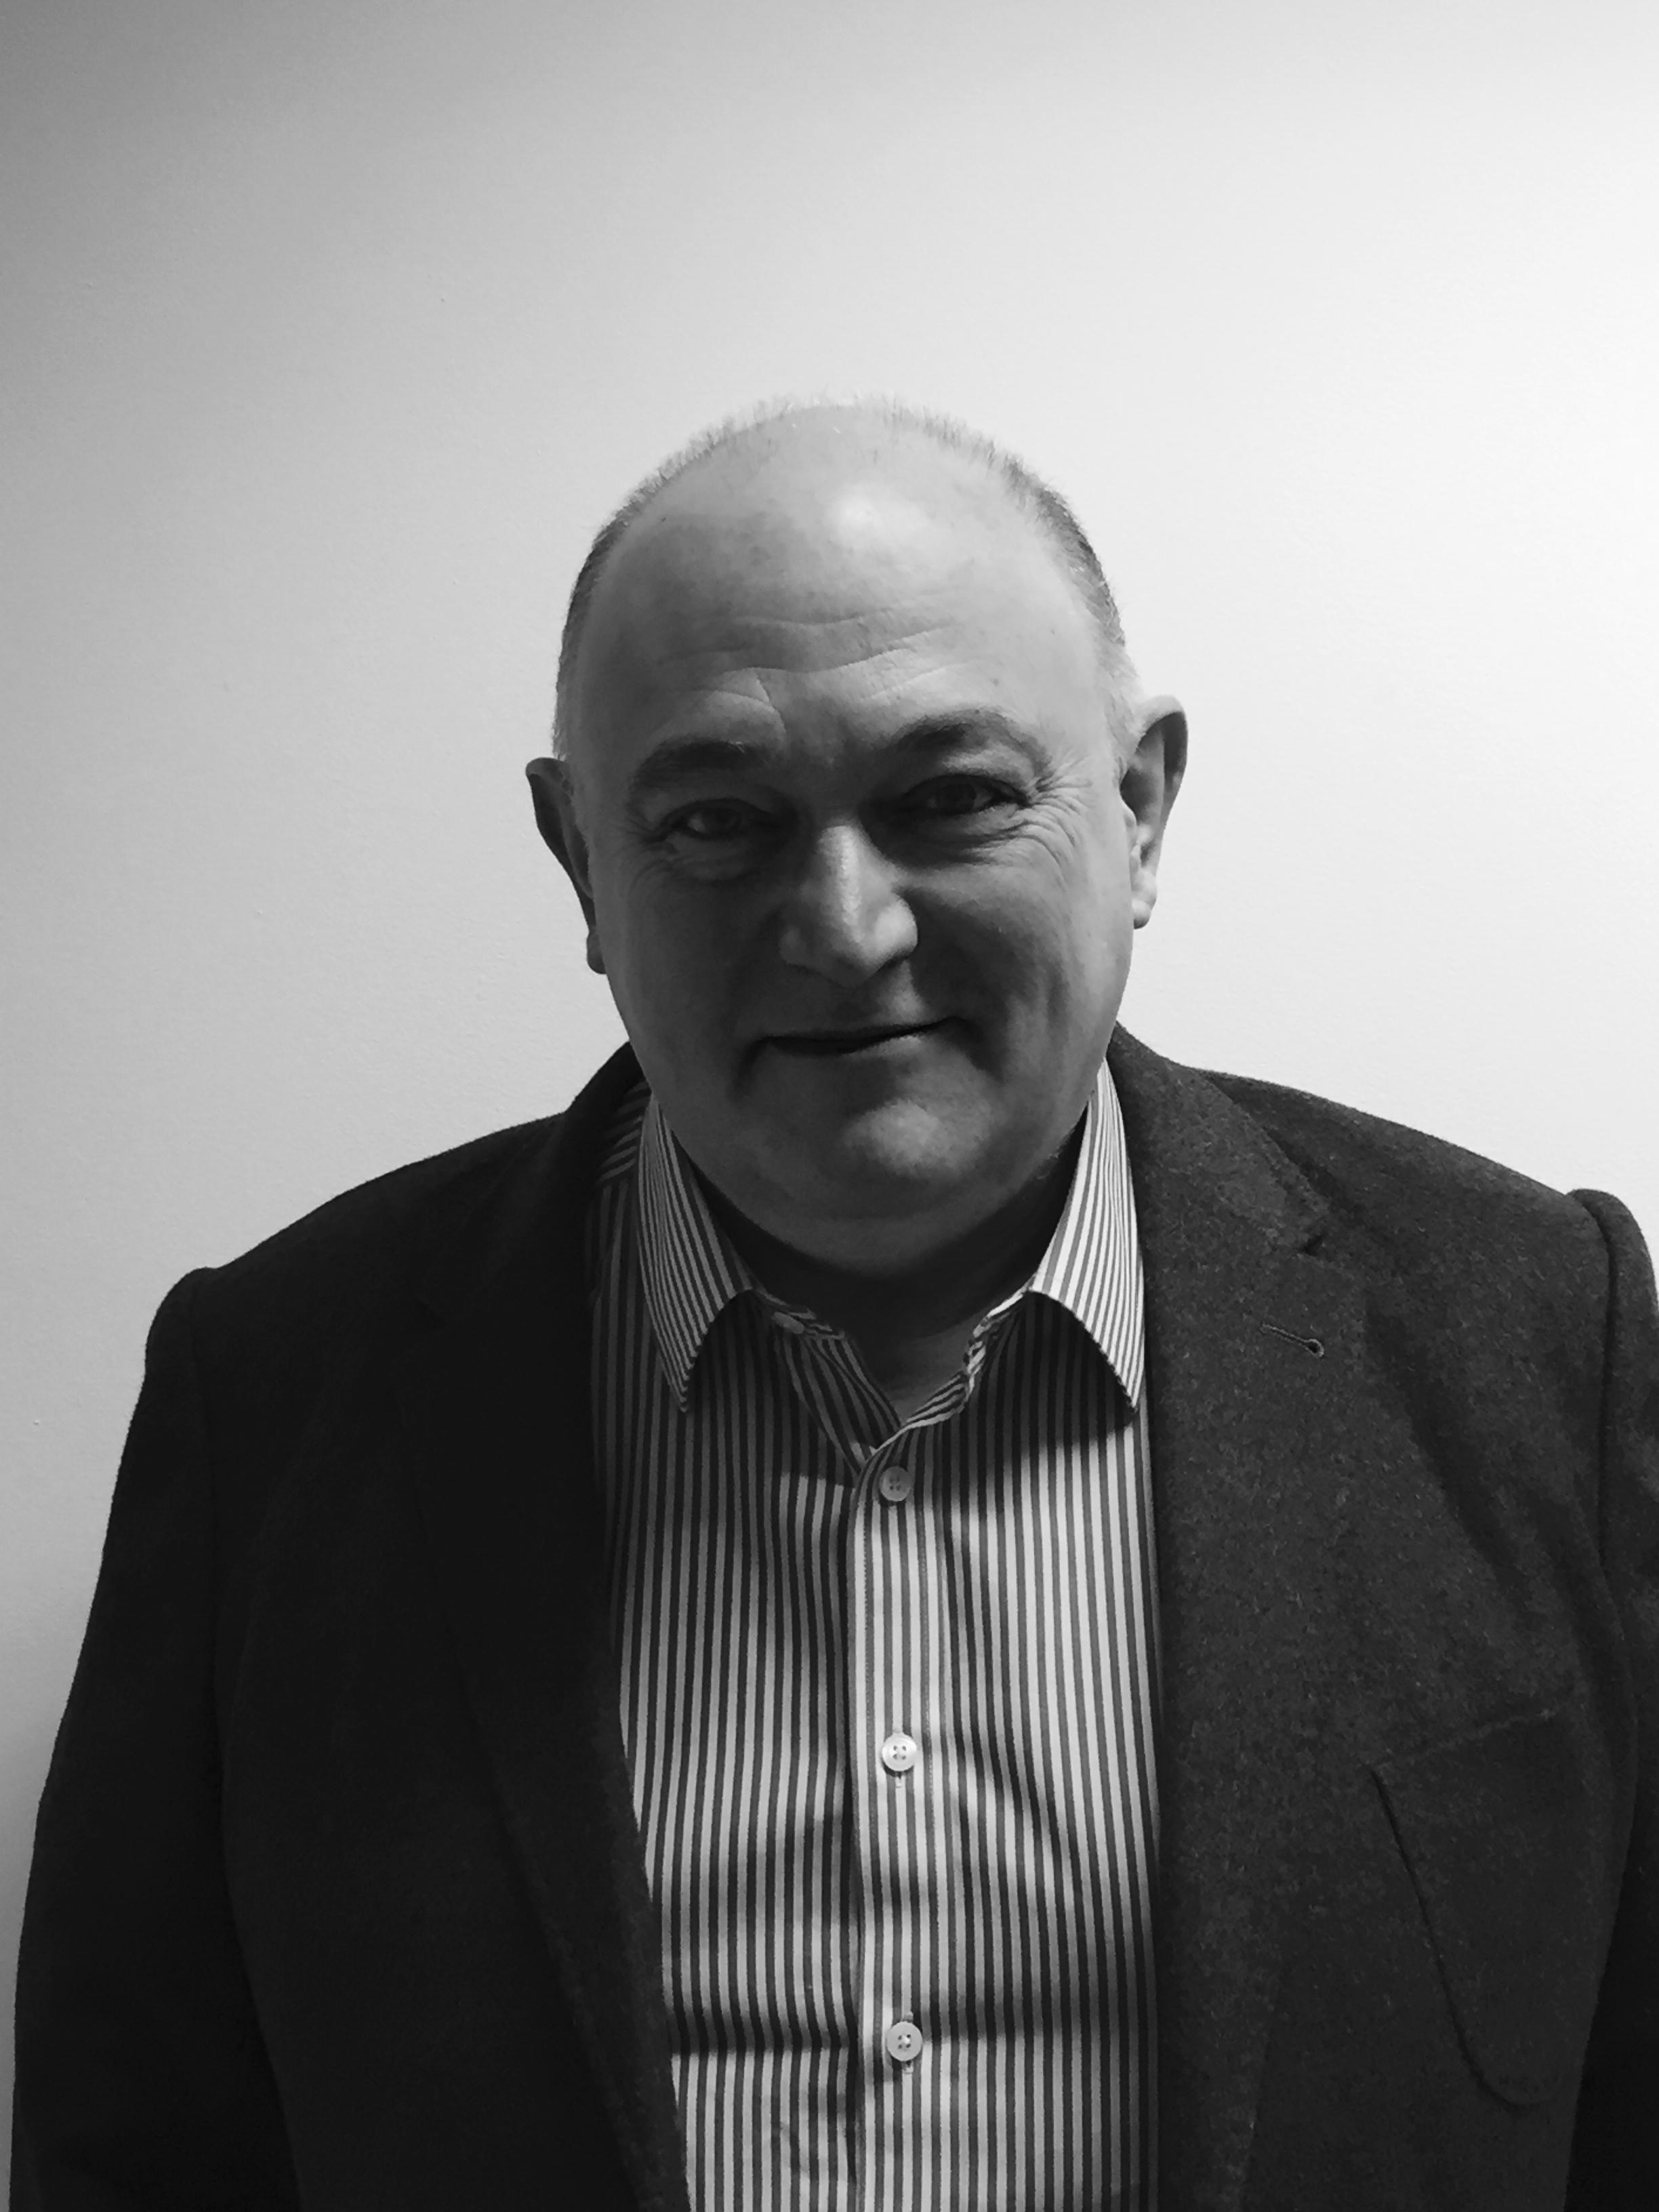 Ian Fogarty